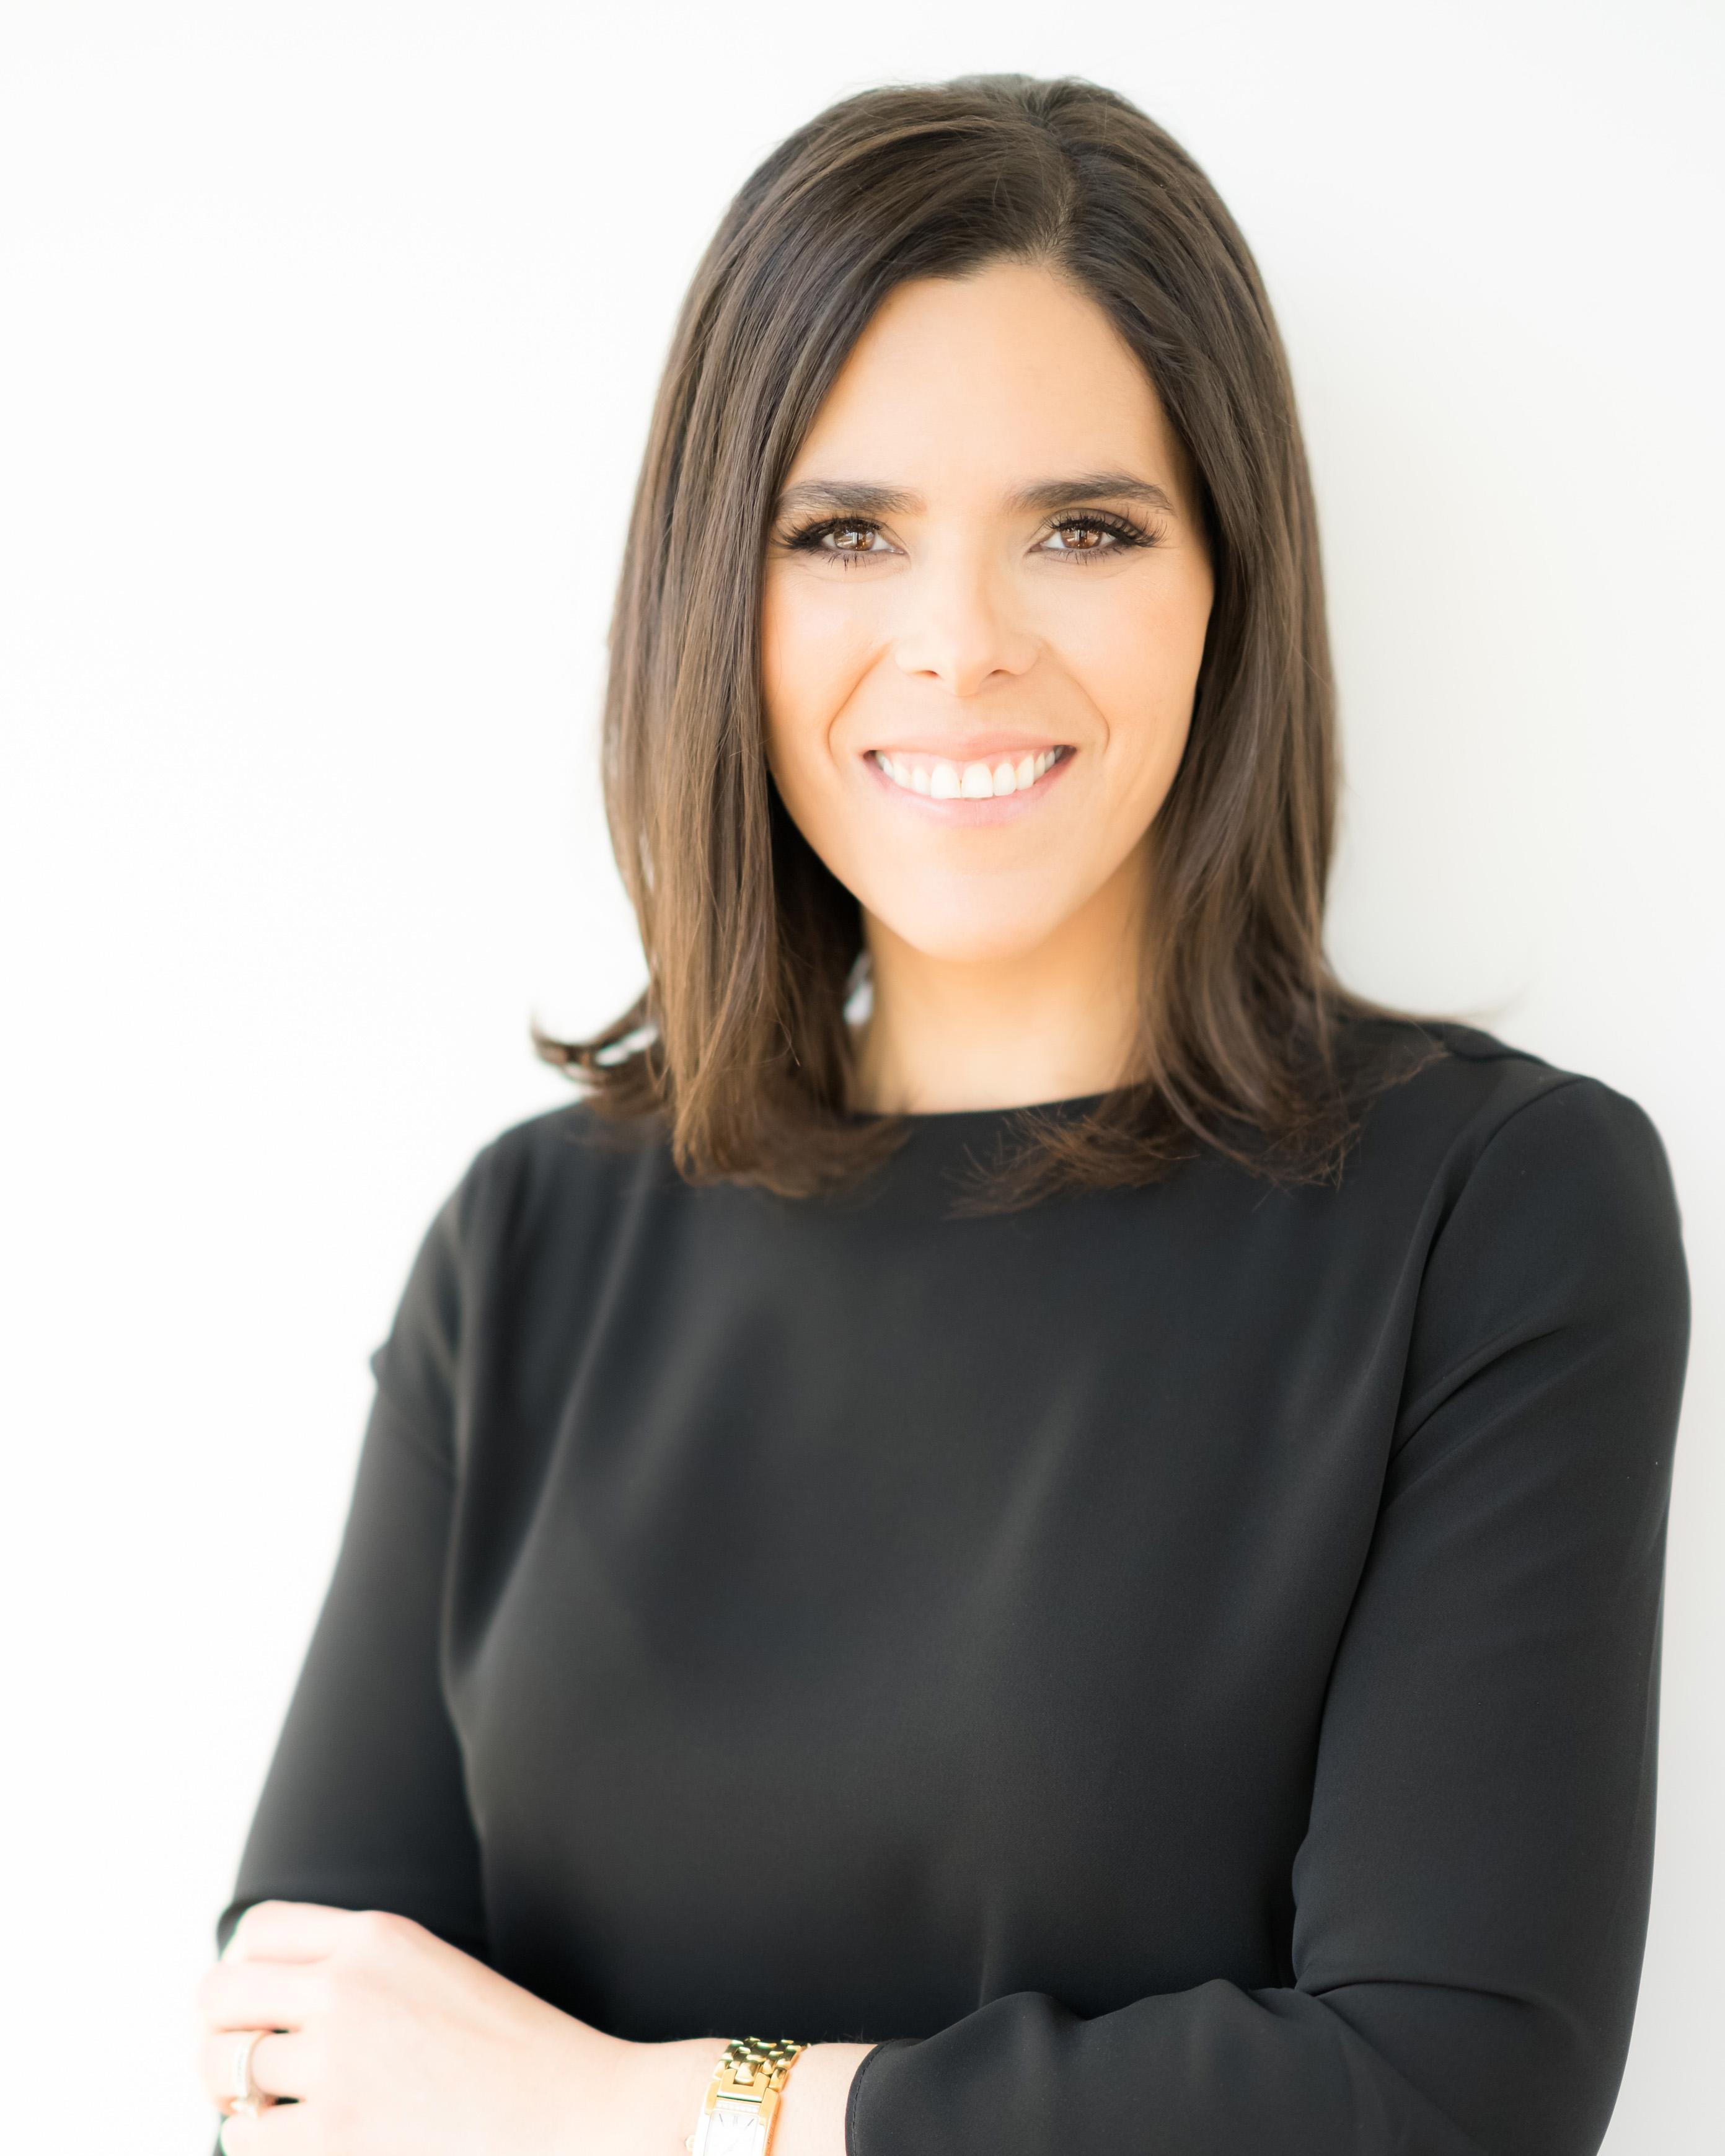 Sandra G. De La Garza